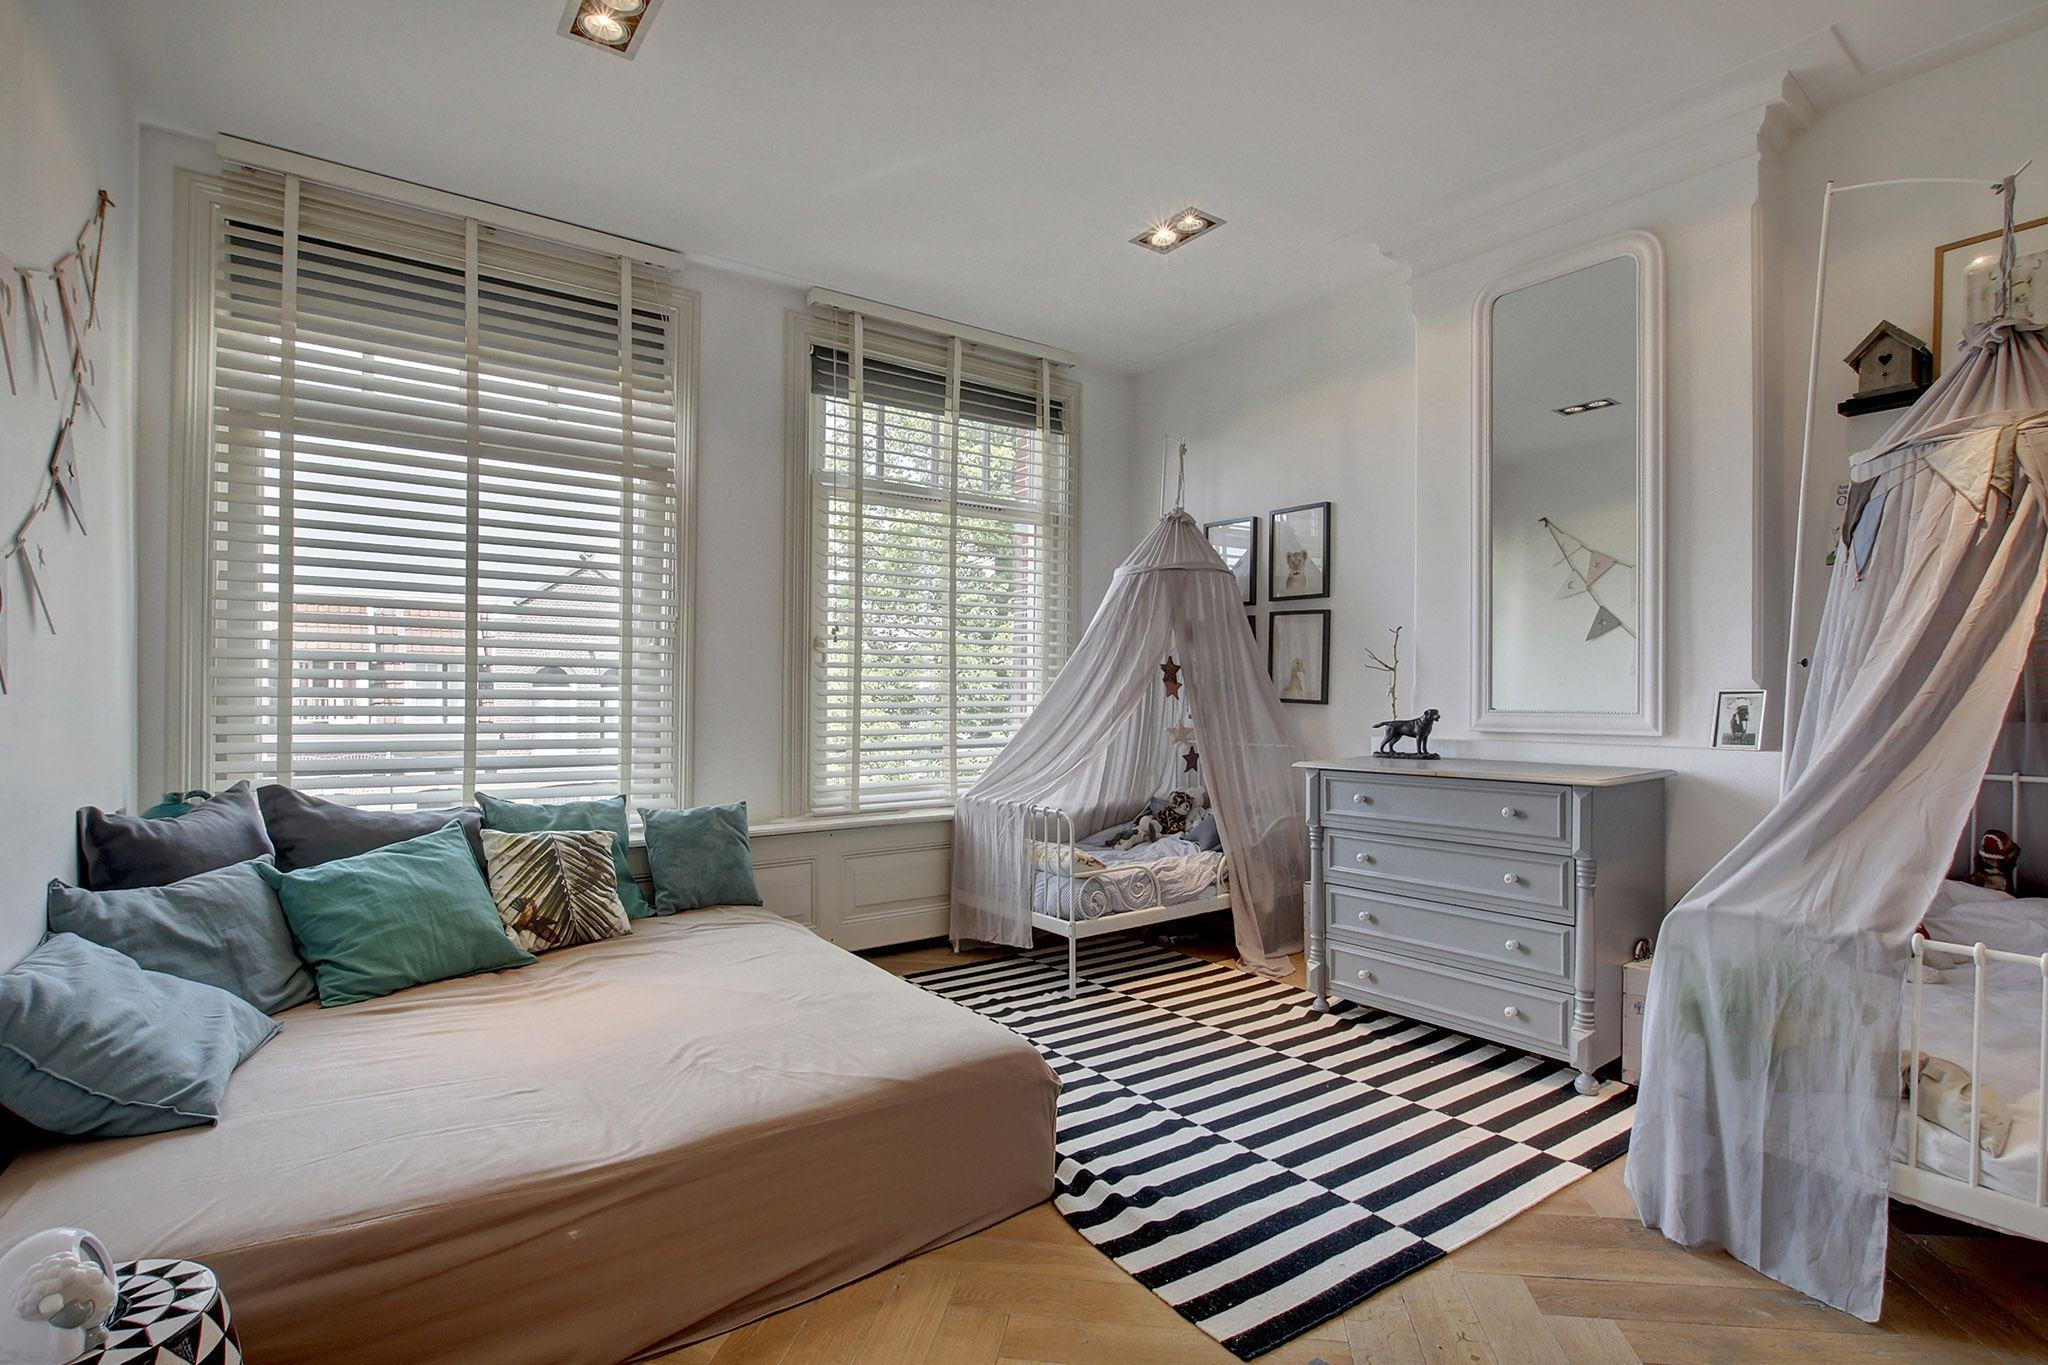 детская комната кровать полог балдахин комод